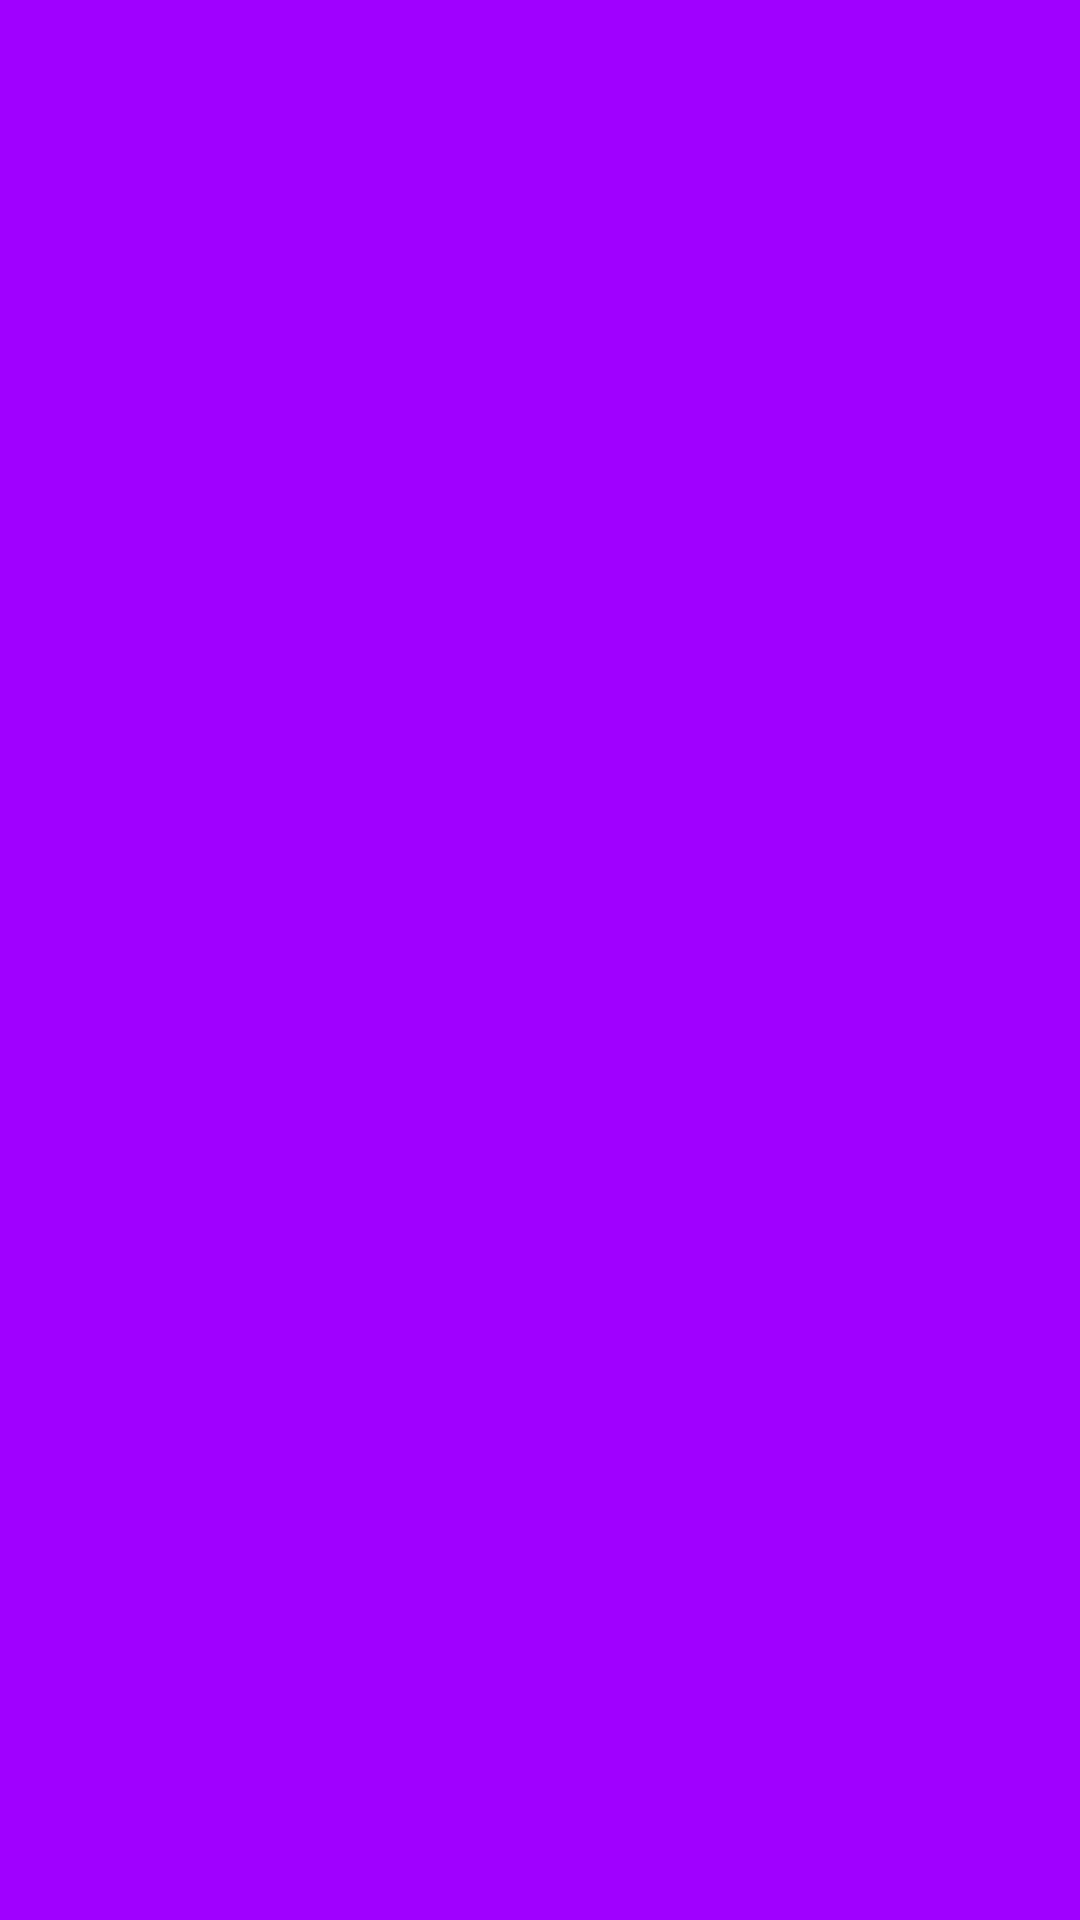 1080x1920 Vivid Violet Solid Color Background